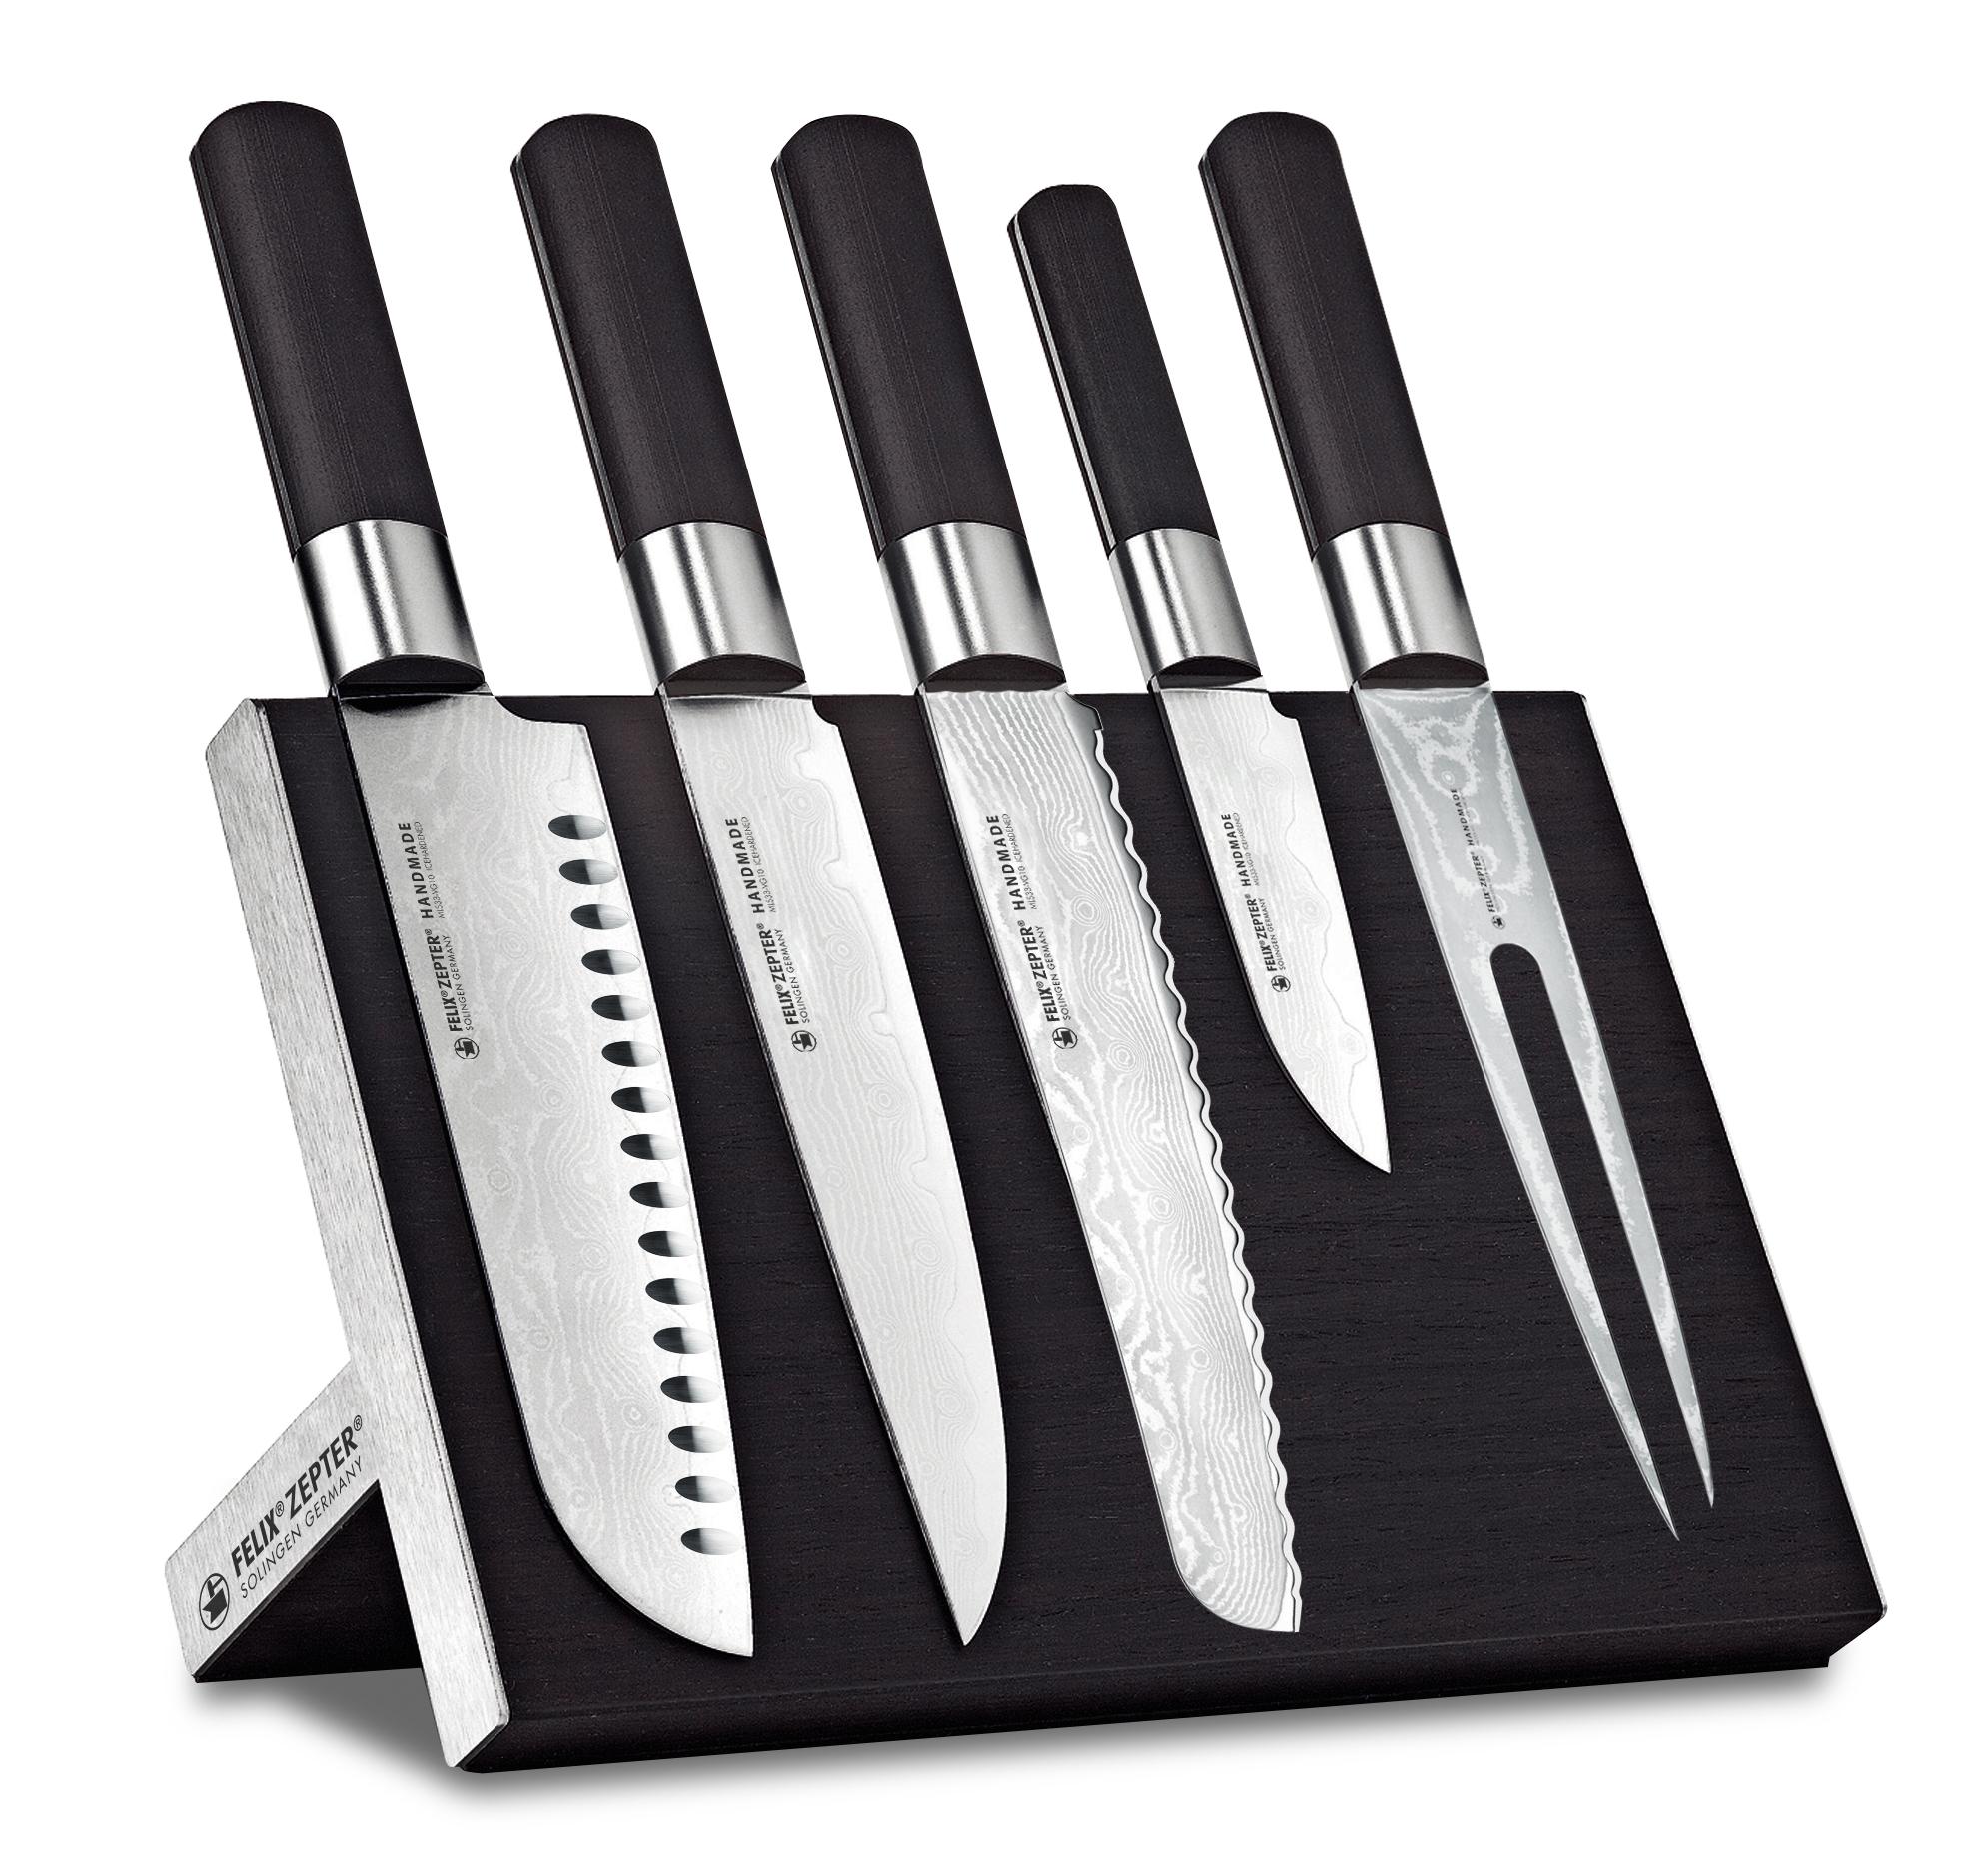 Egy kés szempontjából a lehető legrosszabb dbee34b52a